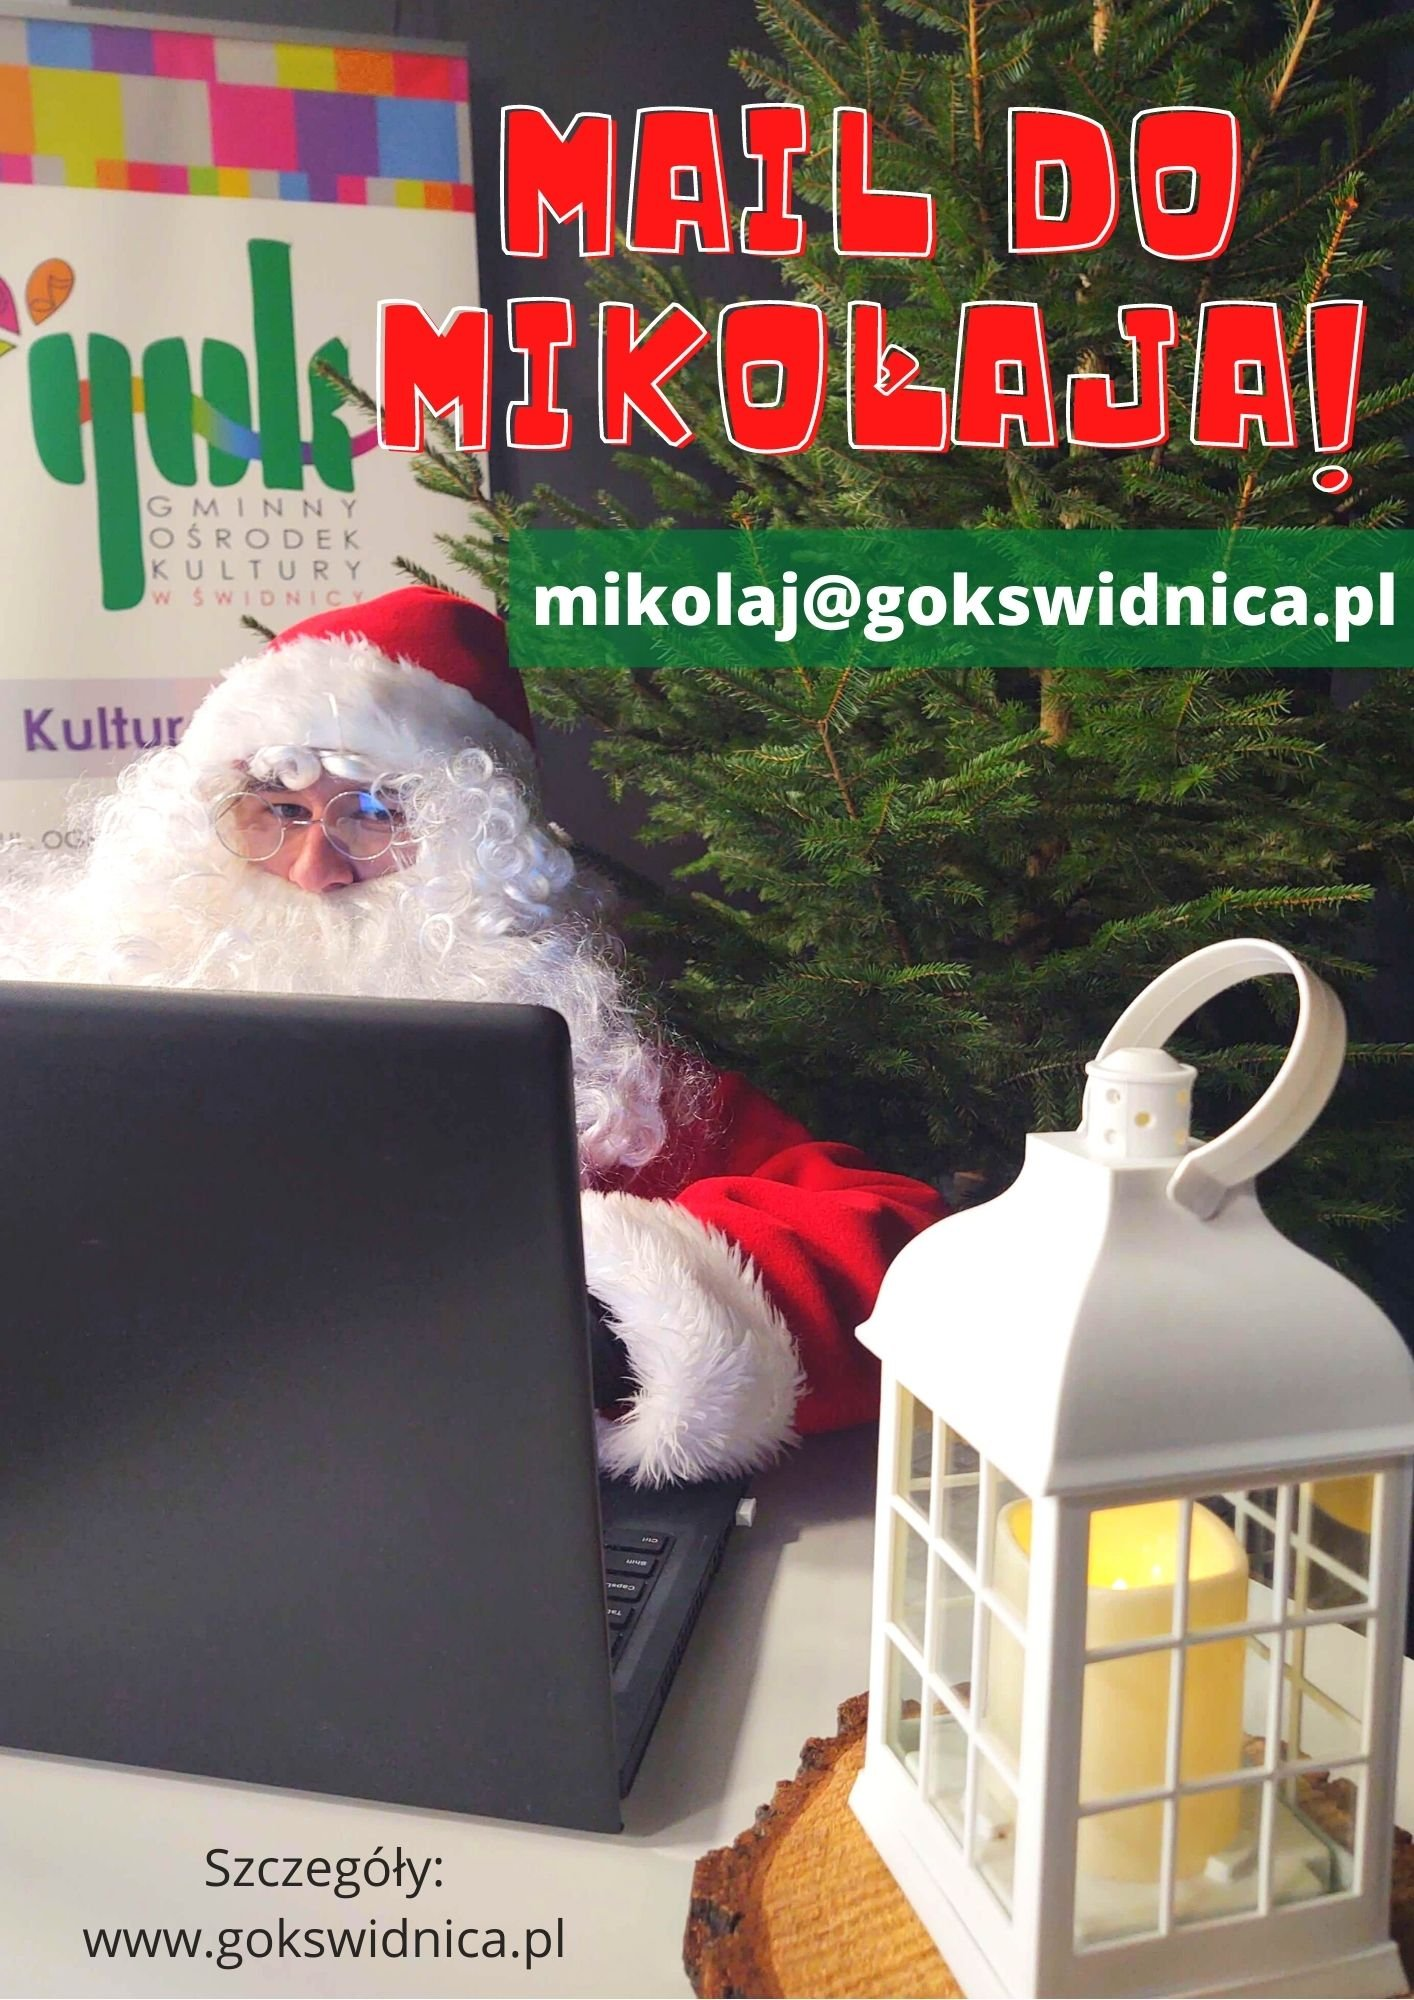 zdjęcie przedstawia Mikołaja przy laptopie